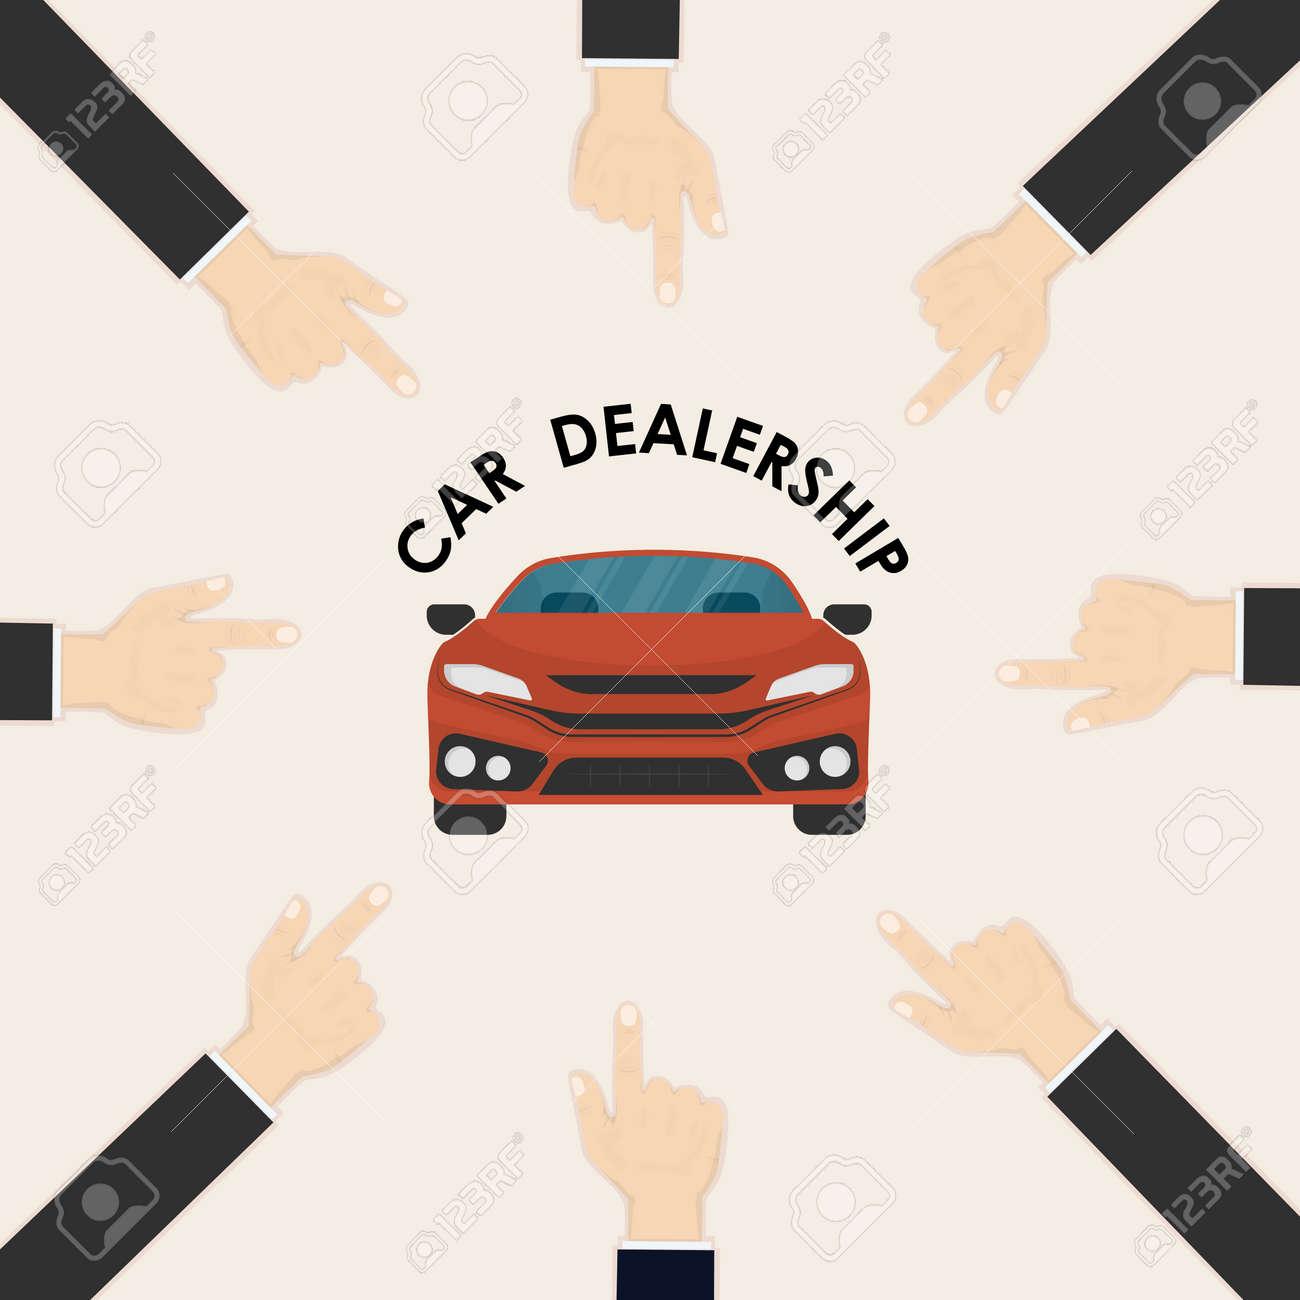 Car And Human Hand Sign Car Dealership Logo Vector Design Template